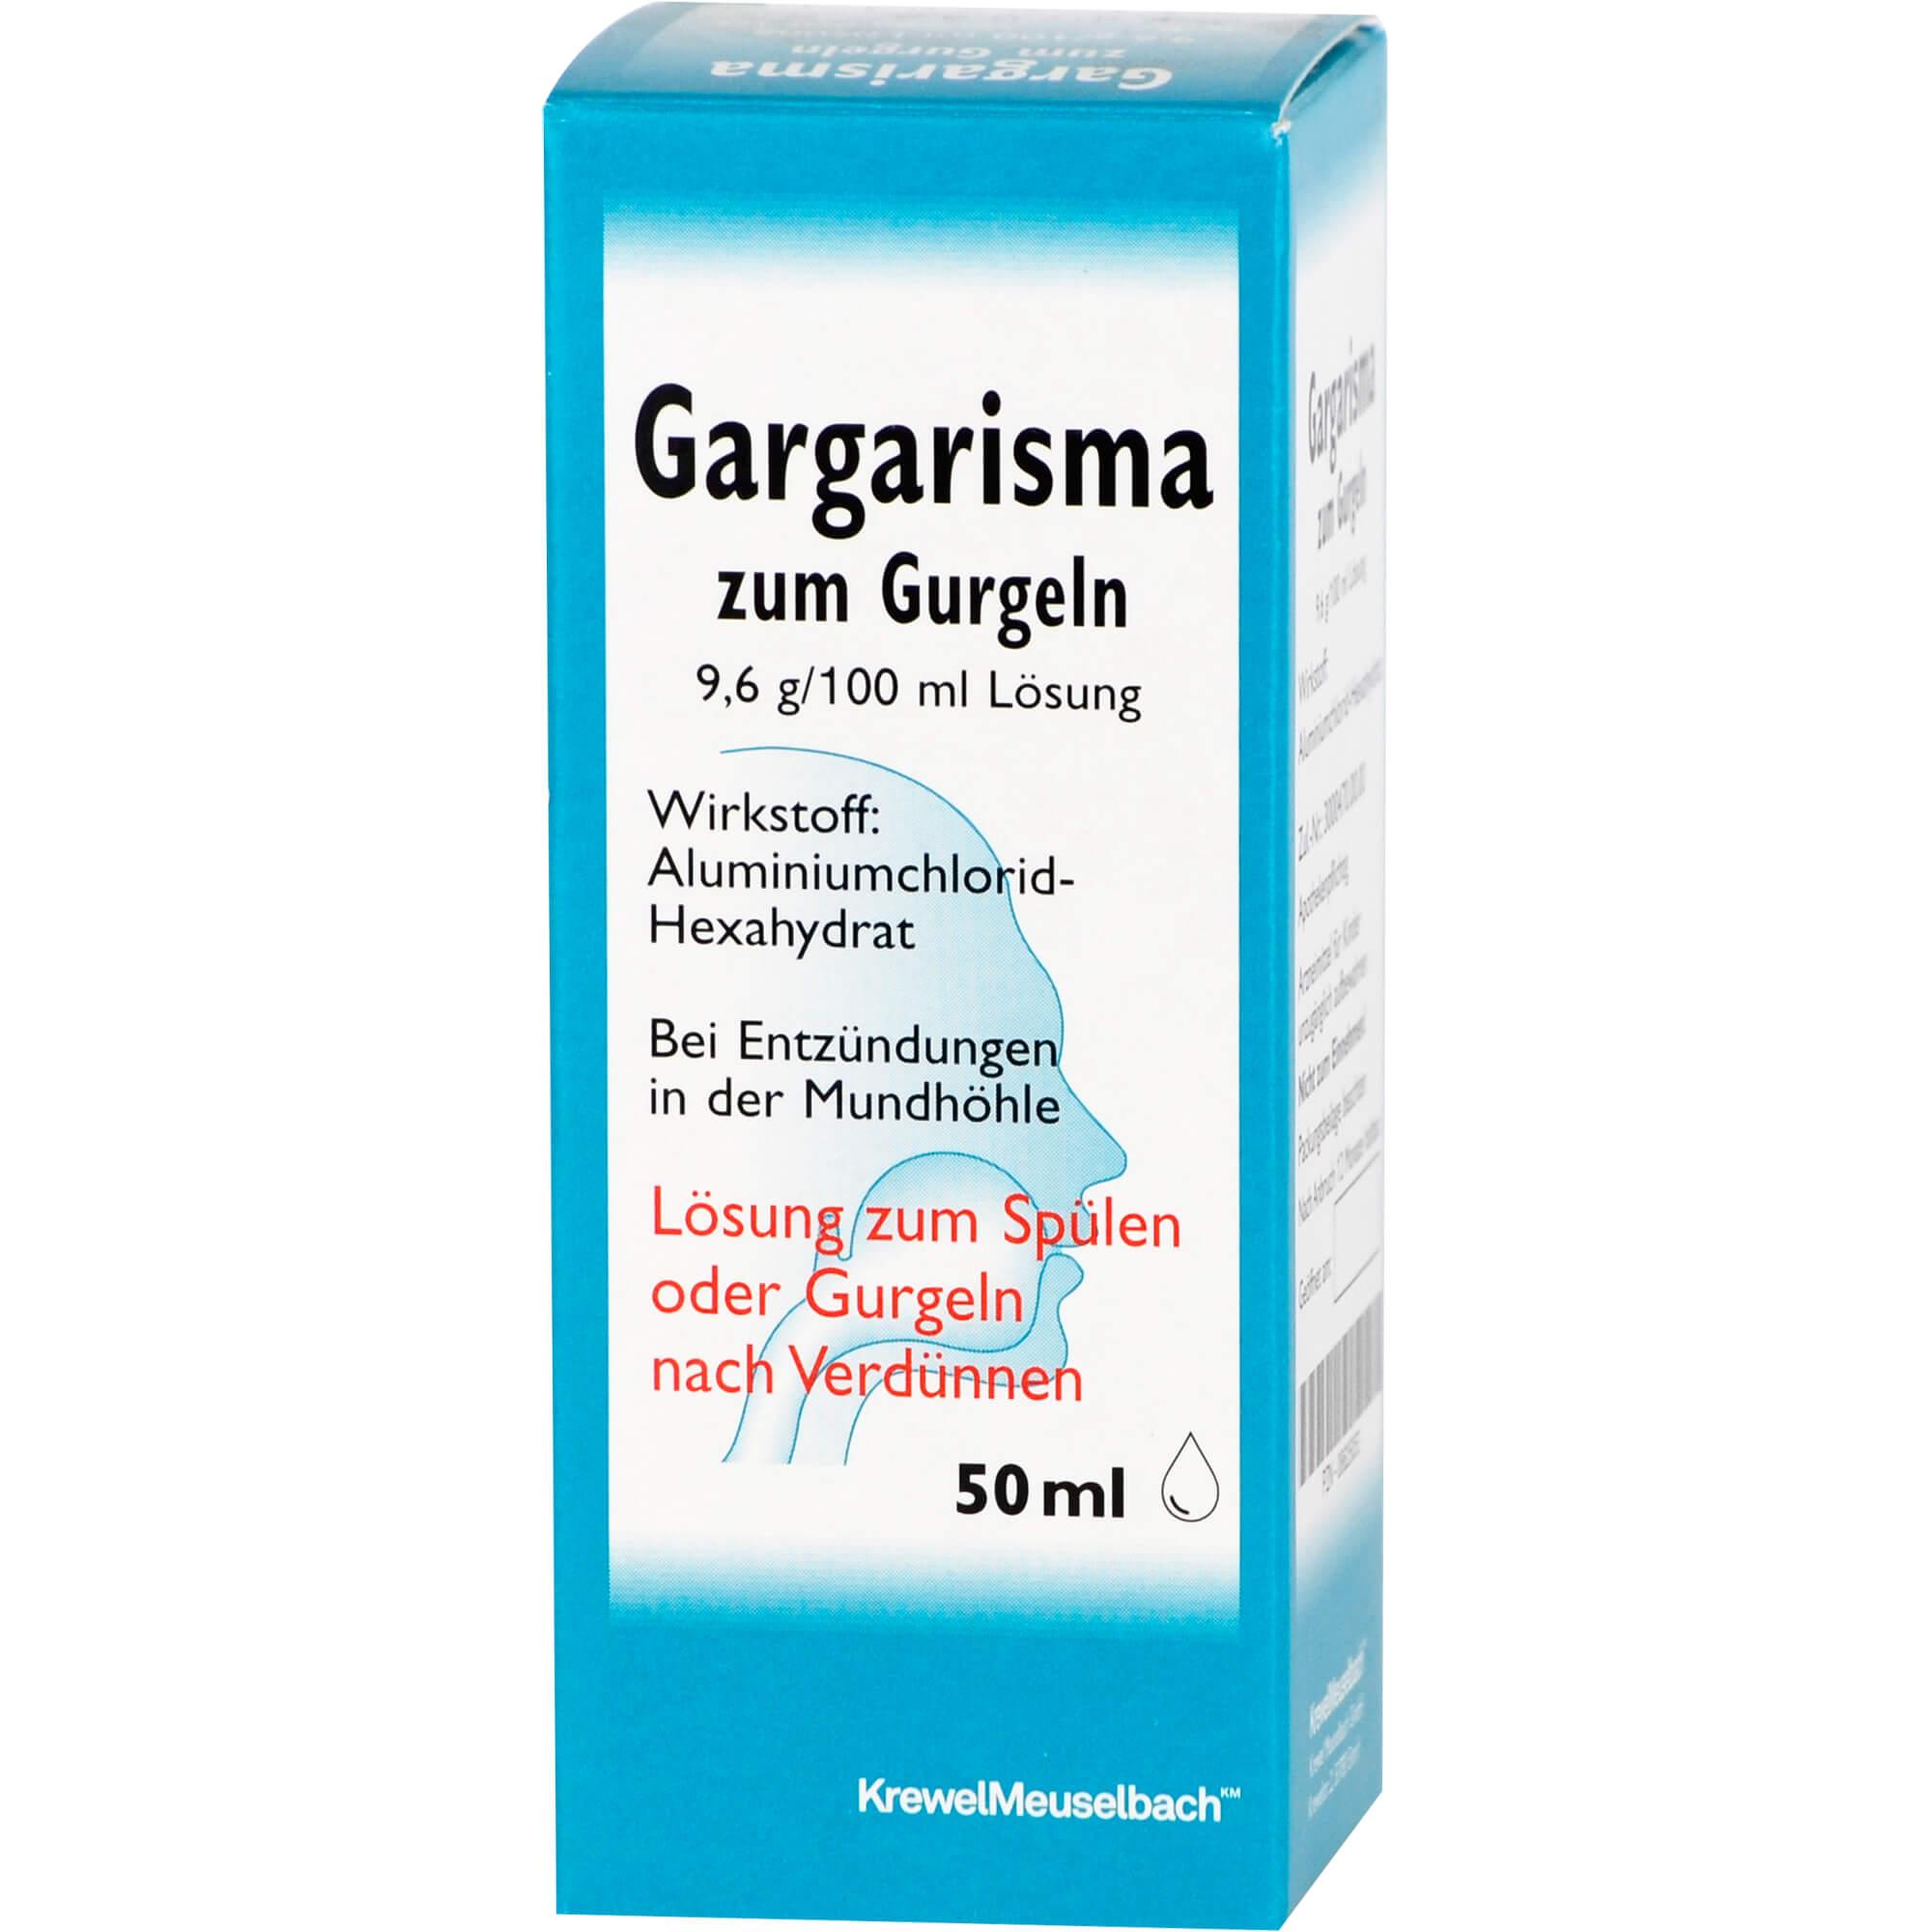 GARGARISMA zum Gurgeln Liquidum